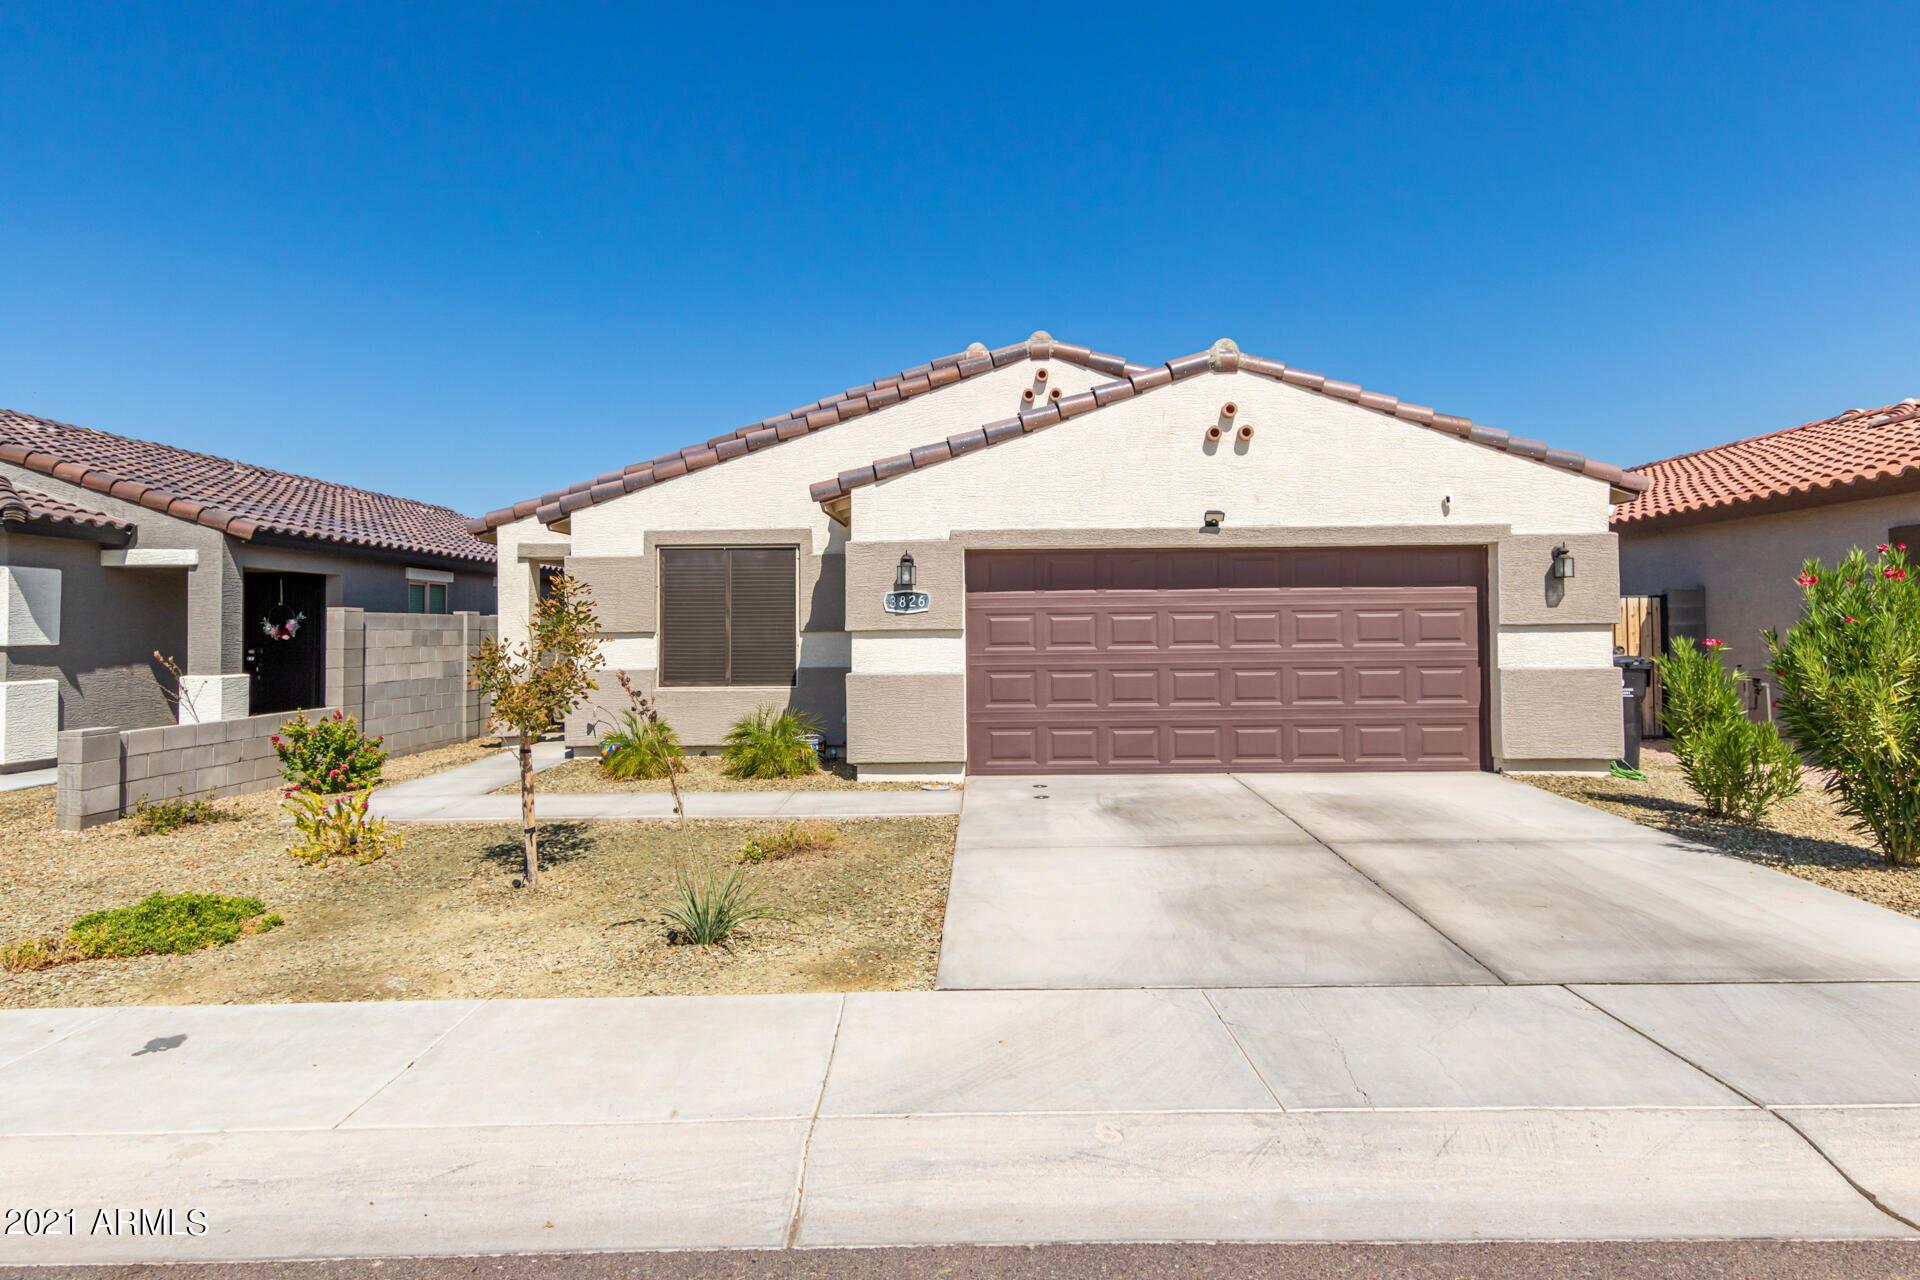 3826 W SAINT ANNE Avenue, Phoenix, AZ 85041 - MLS#: 6298231